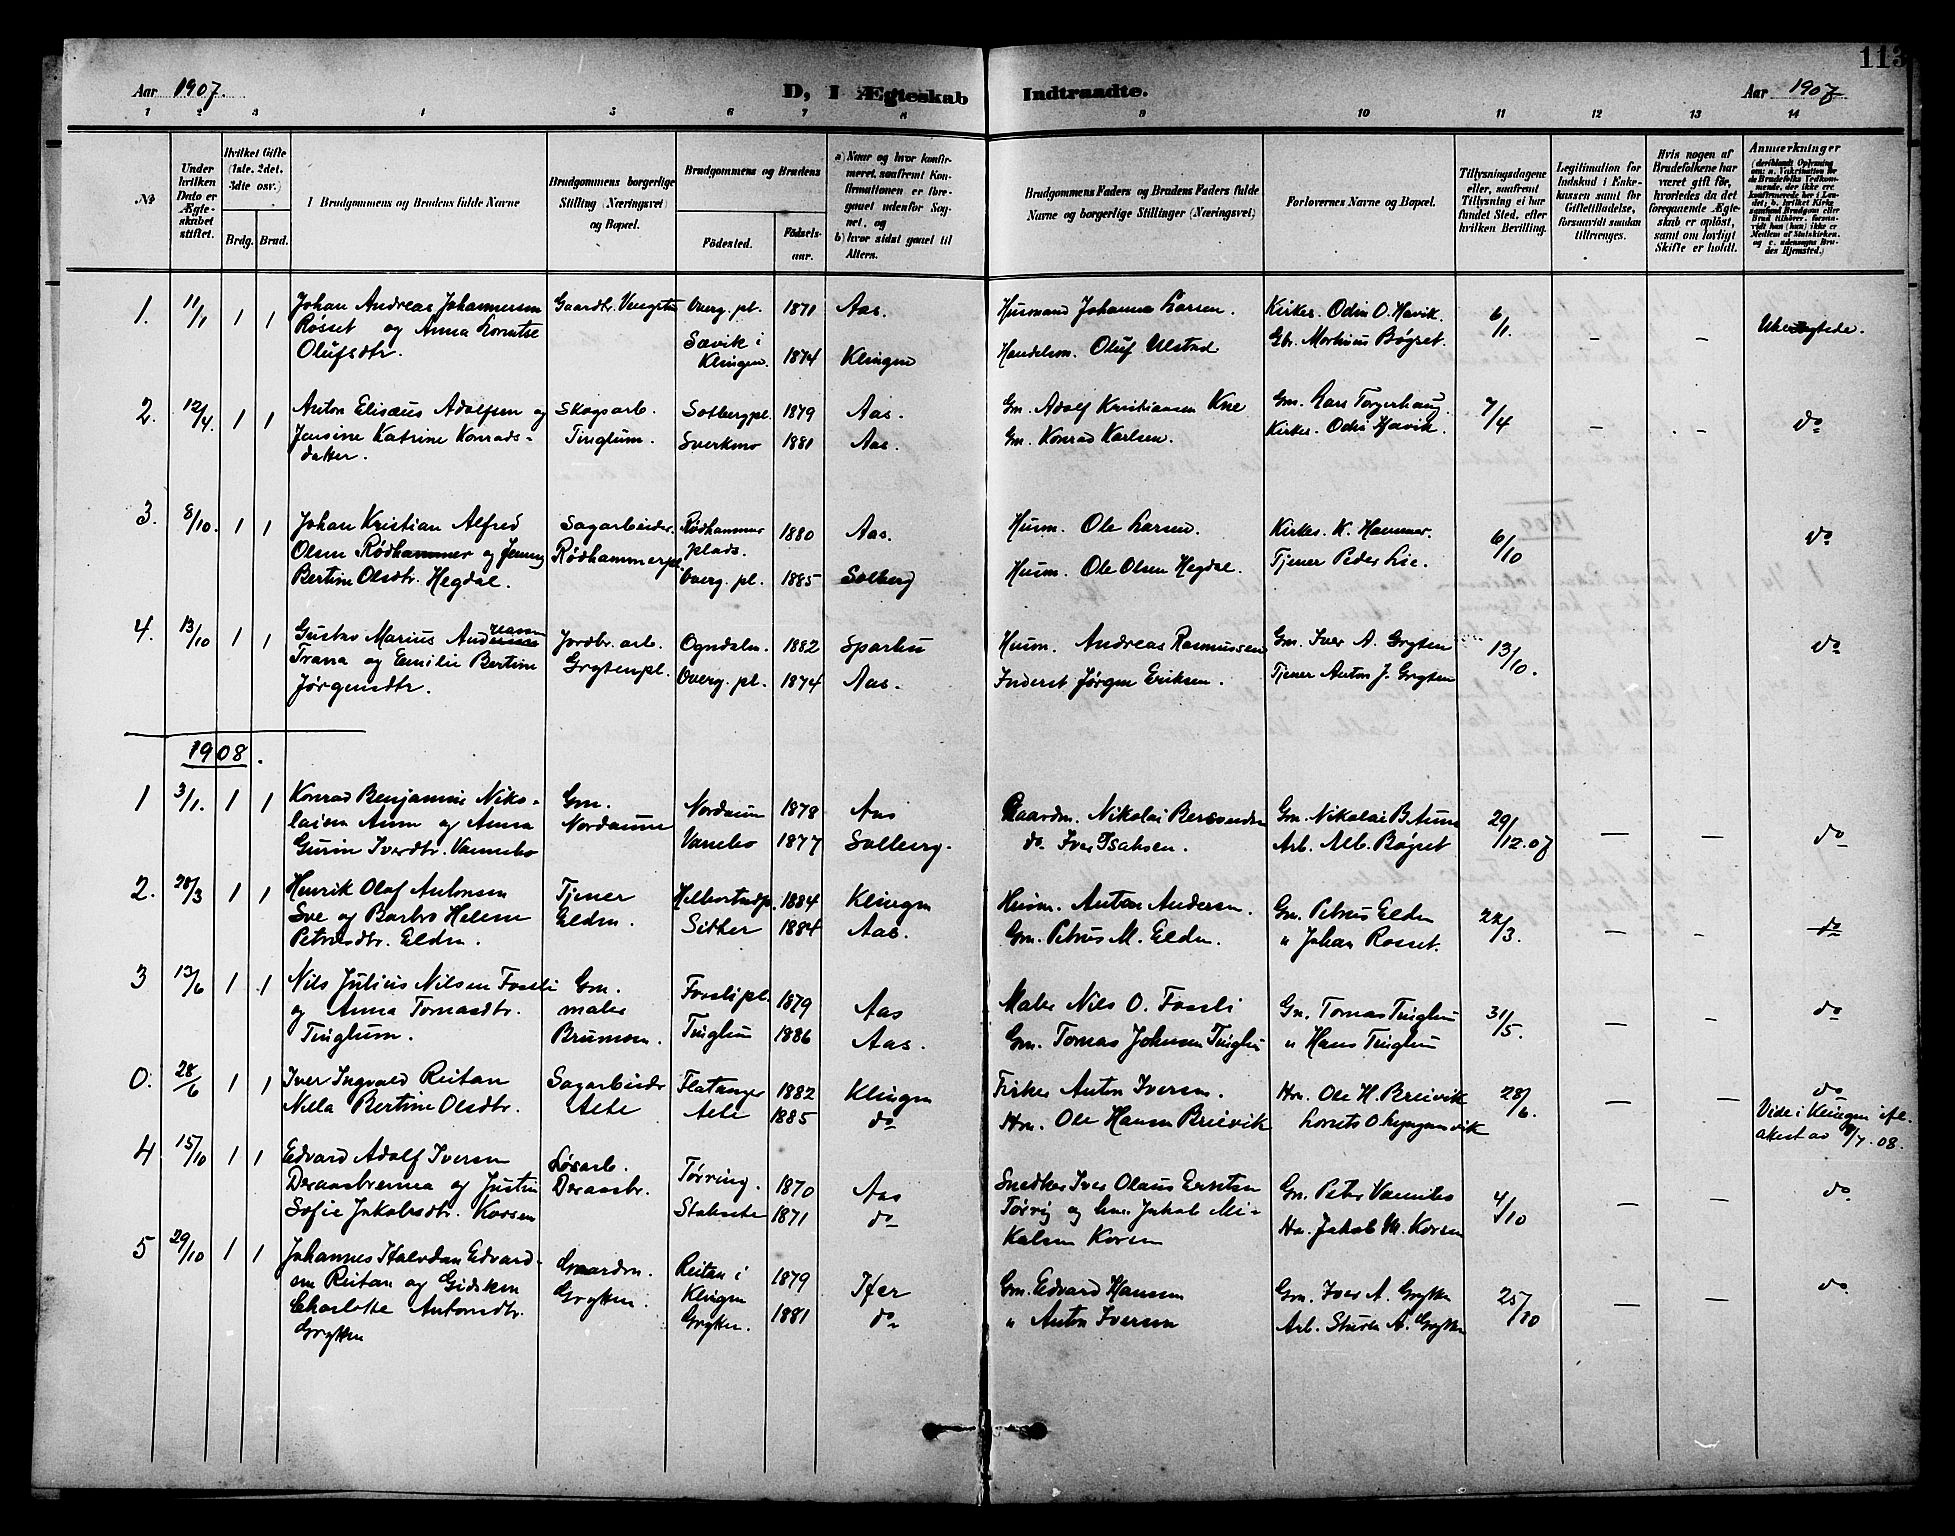 SAT, Ministerialprotokoller, klokkerbøker og fødselsregistre - Nord-Trøndelag, 742/L0412: Klokkerbok nr. 742C03, 1898-1910, s. 113